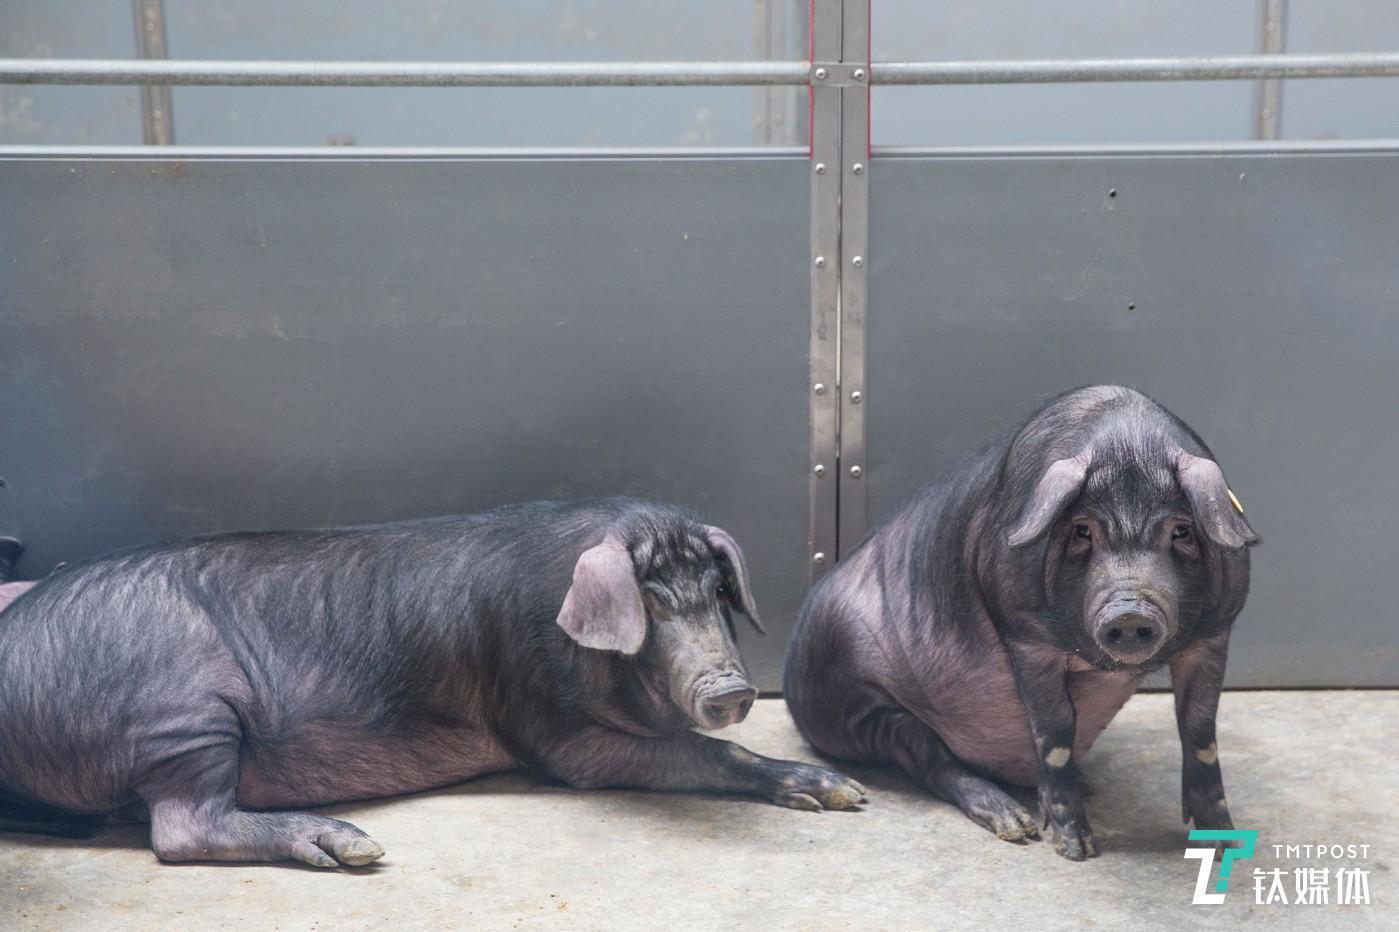 丁家猪。浙江安吉网易猪场,丁家猪的岁月静好。